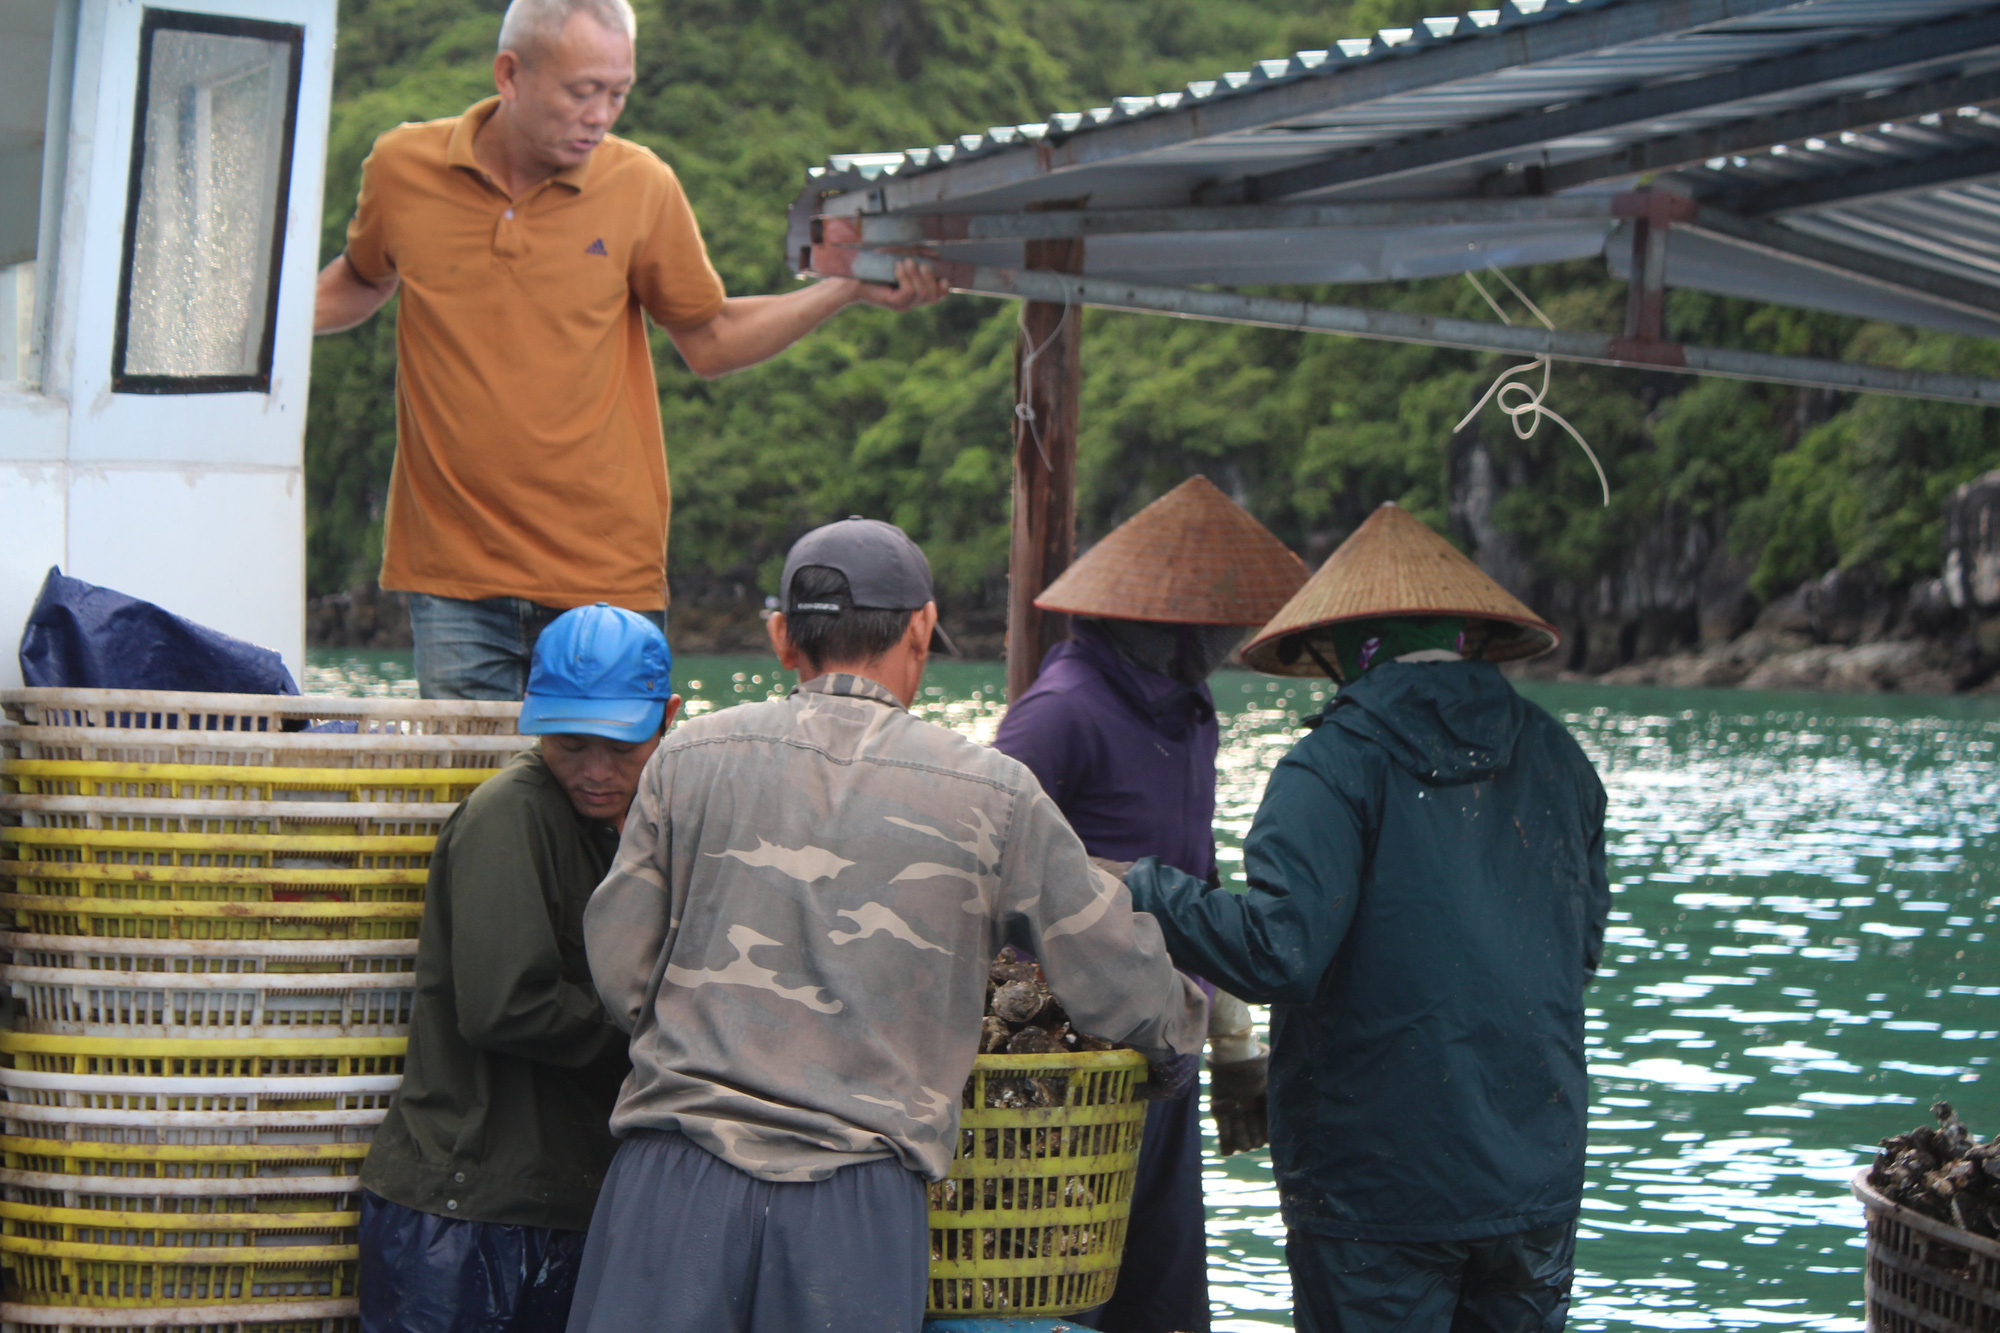 Quảng Ninh: Hàu sữa rớt giá vì dịch COVID-19, ngư dân trắng đêm thu hoạch - Ảnh 10.